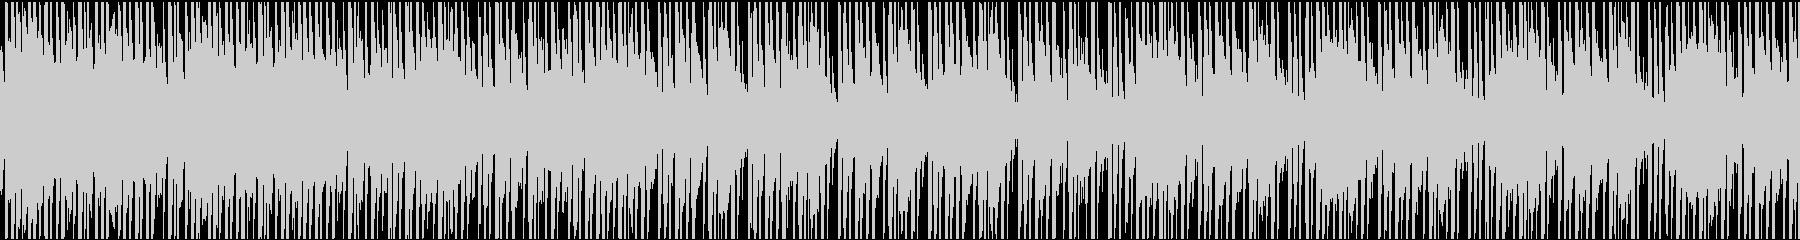 明るい日常ゲームのタイトル曲の未再生の波形